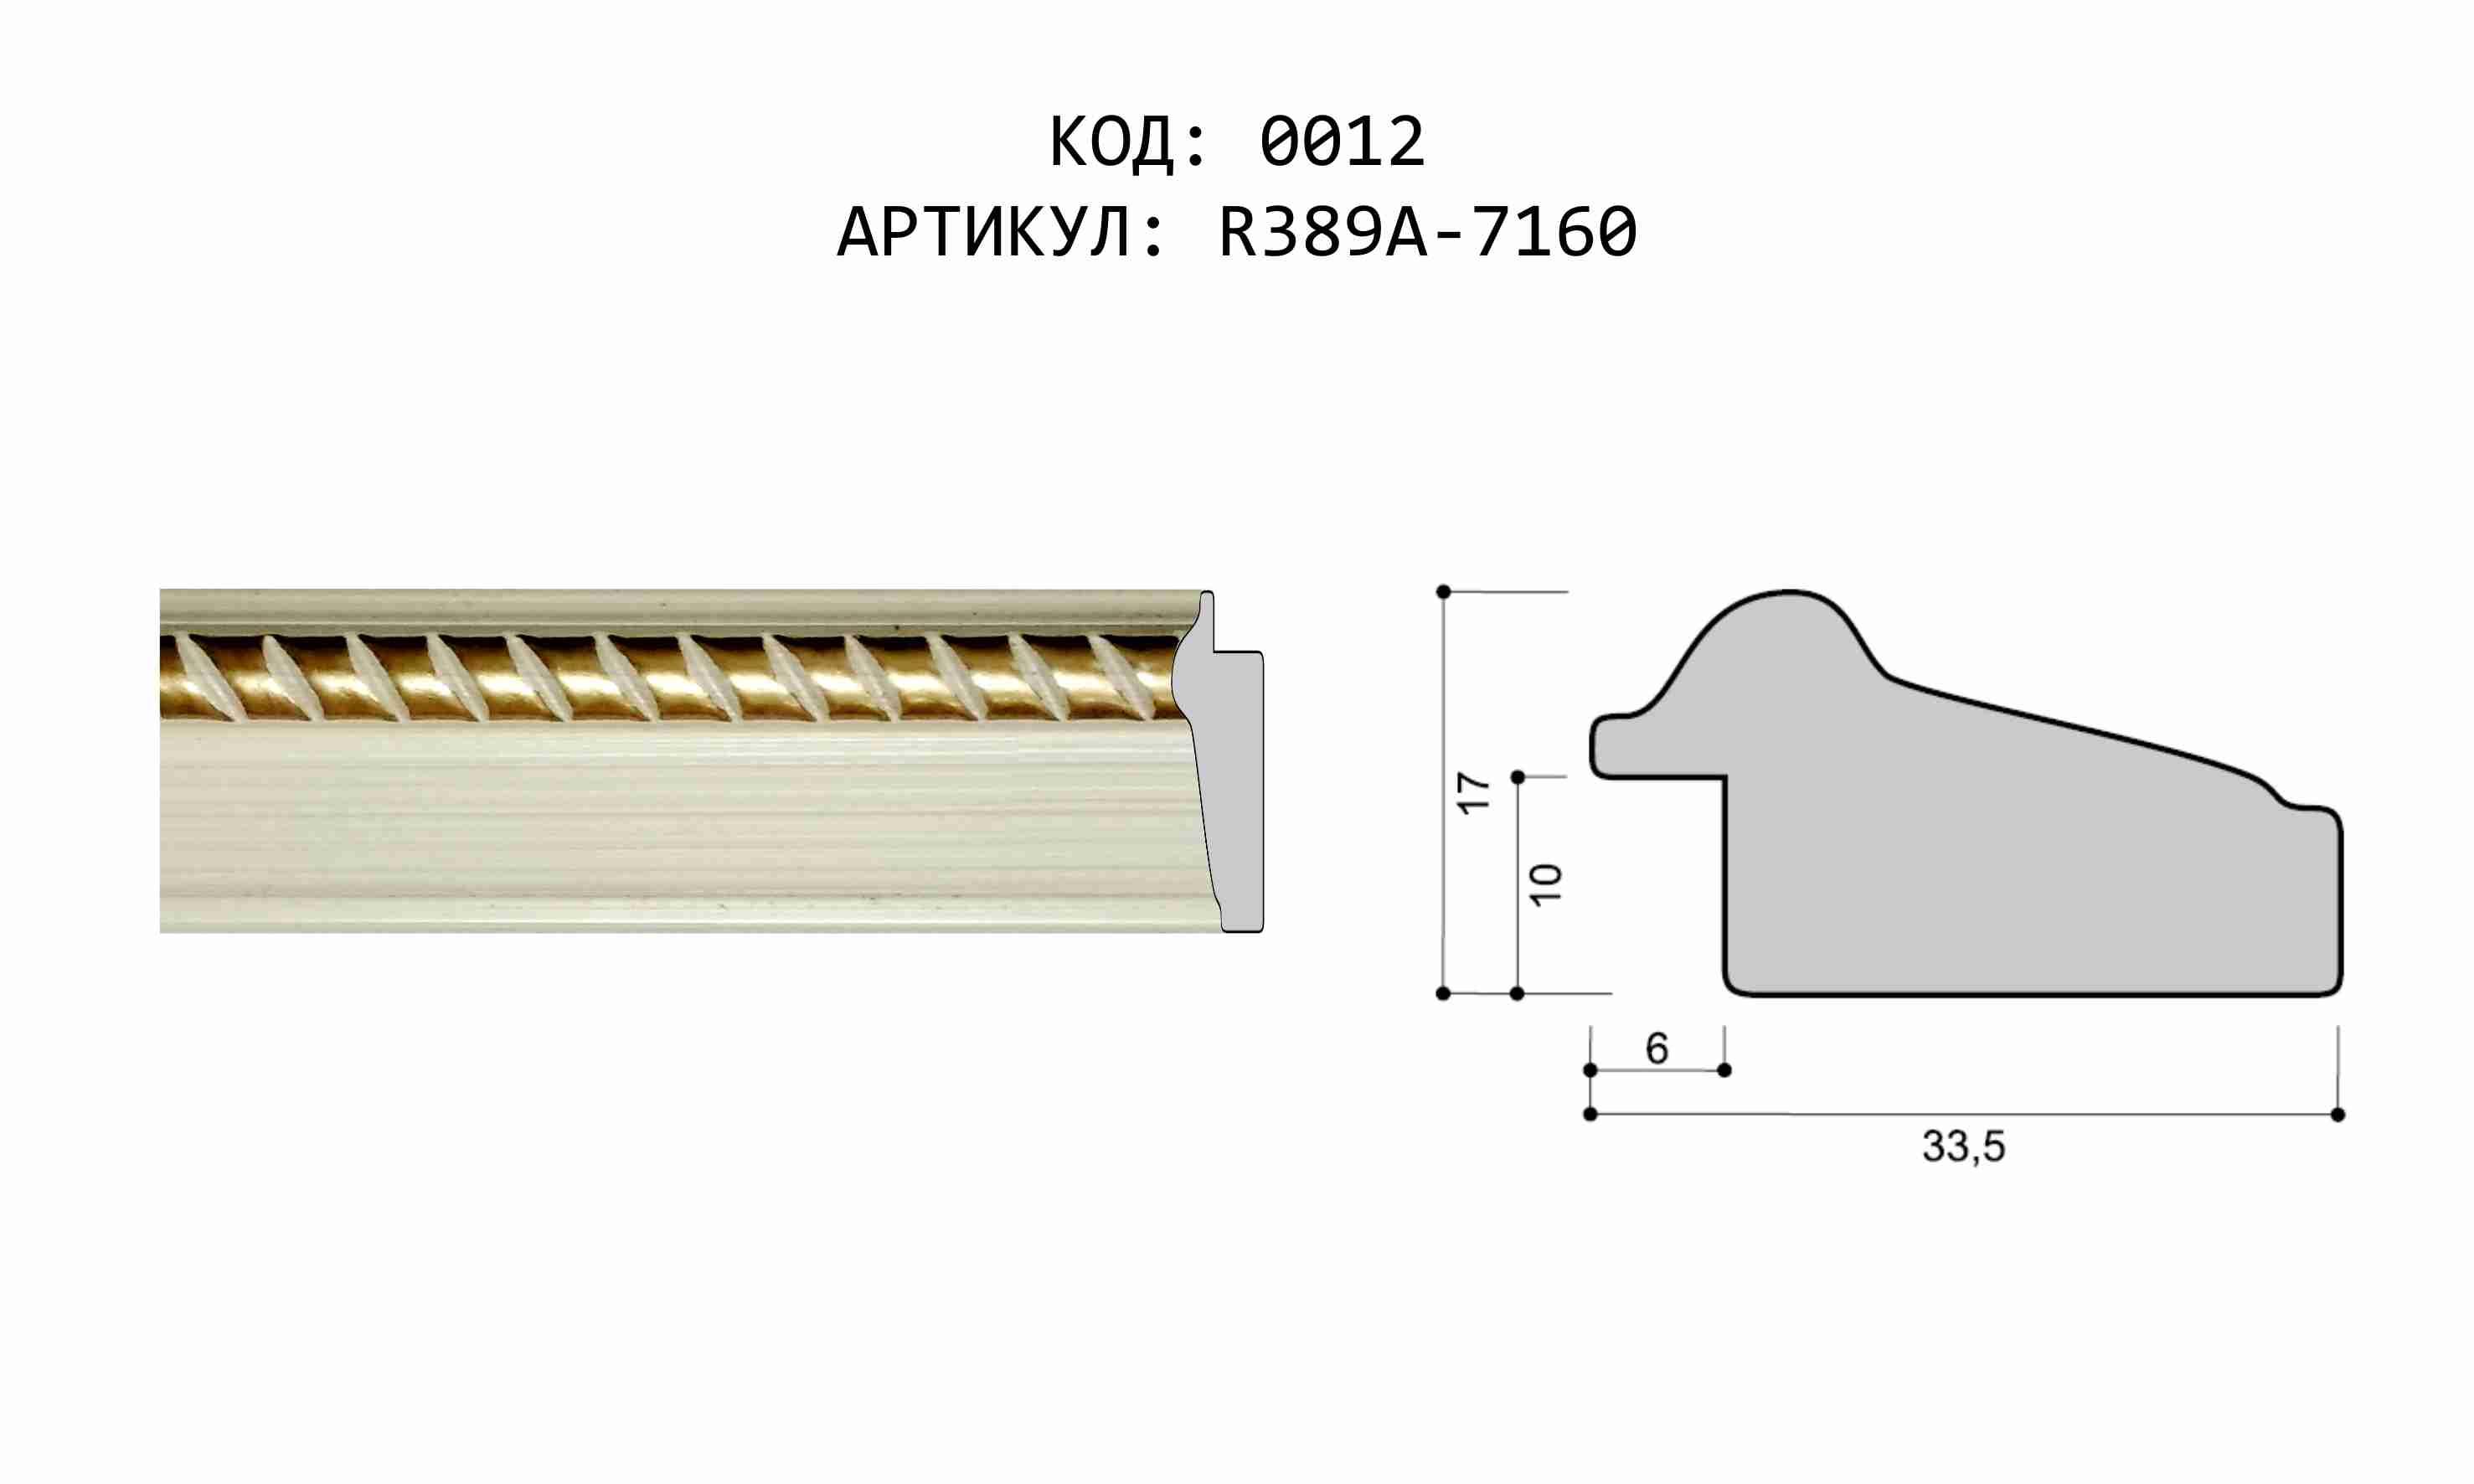 Артикул: R389A-7160